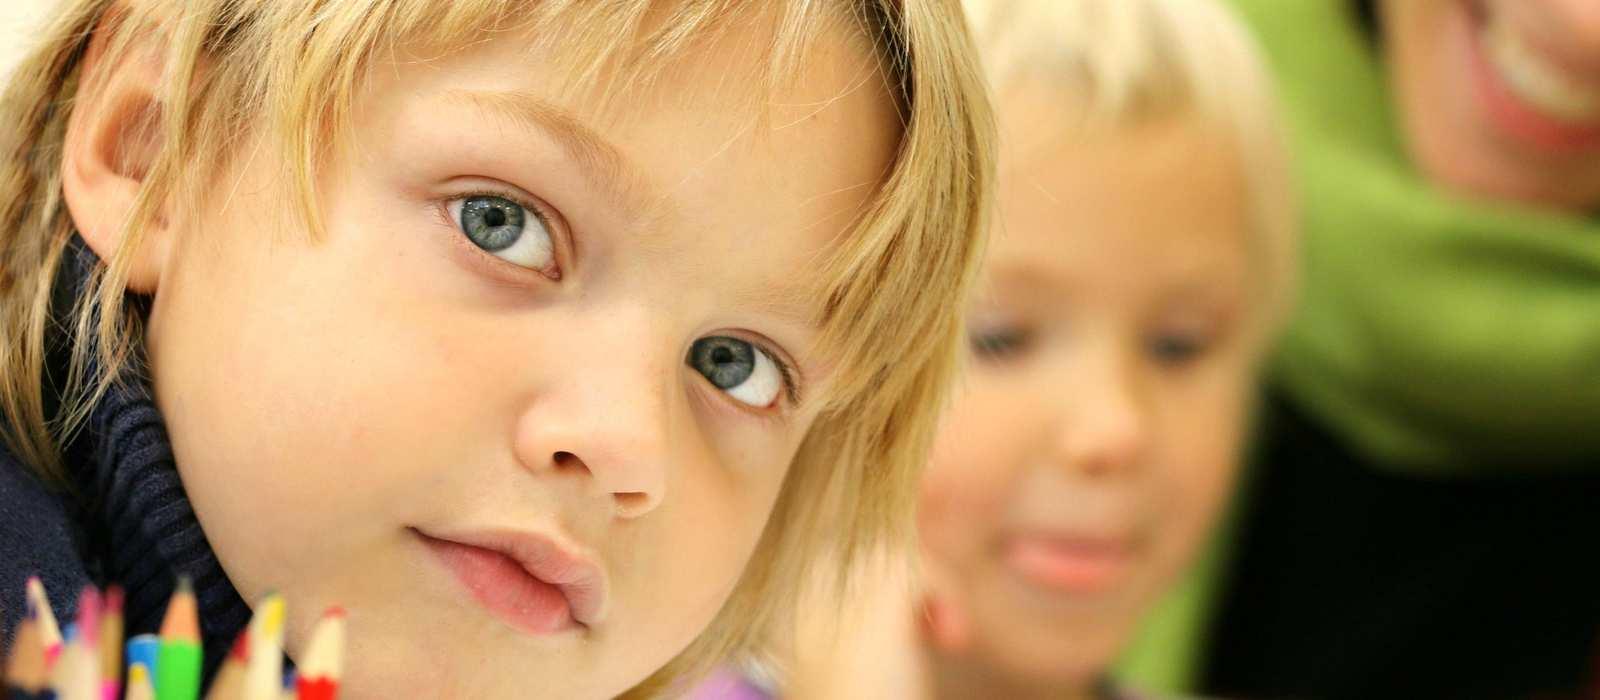 Ein Kind schaut in die Kamera. Am Tisch ist noch ein Kind und eine erwachsene Frau, die sich über das Kind beugt.